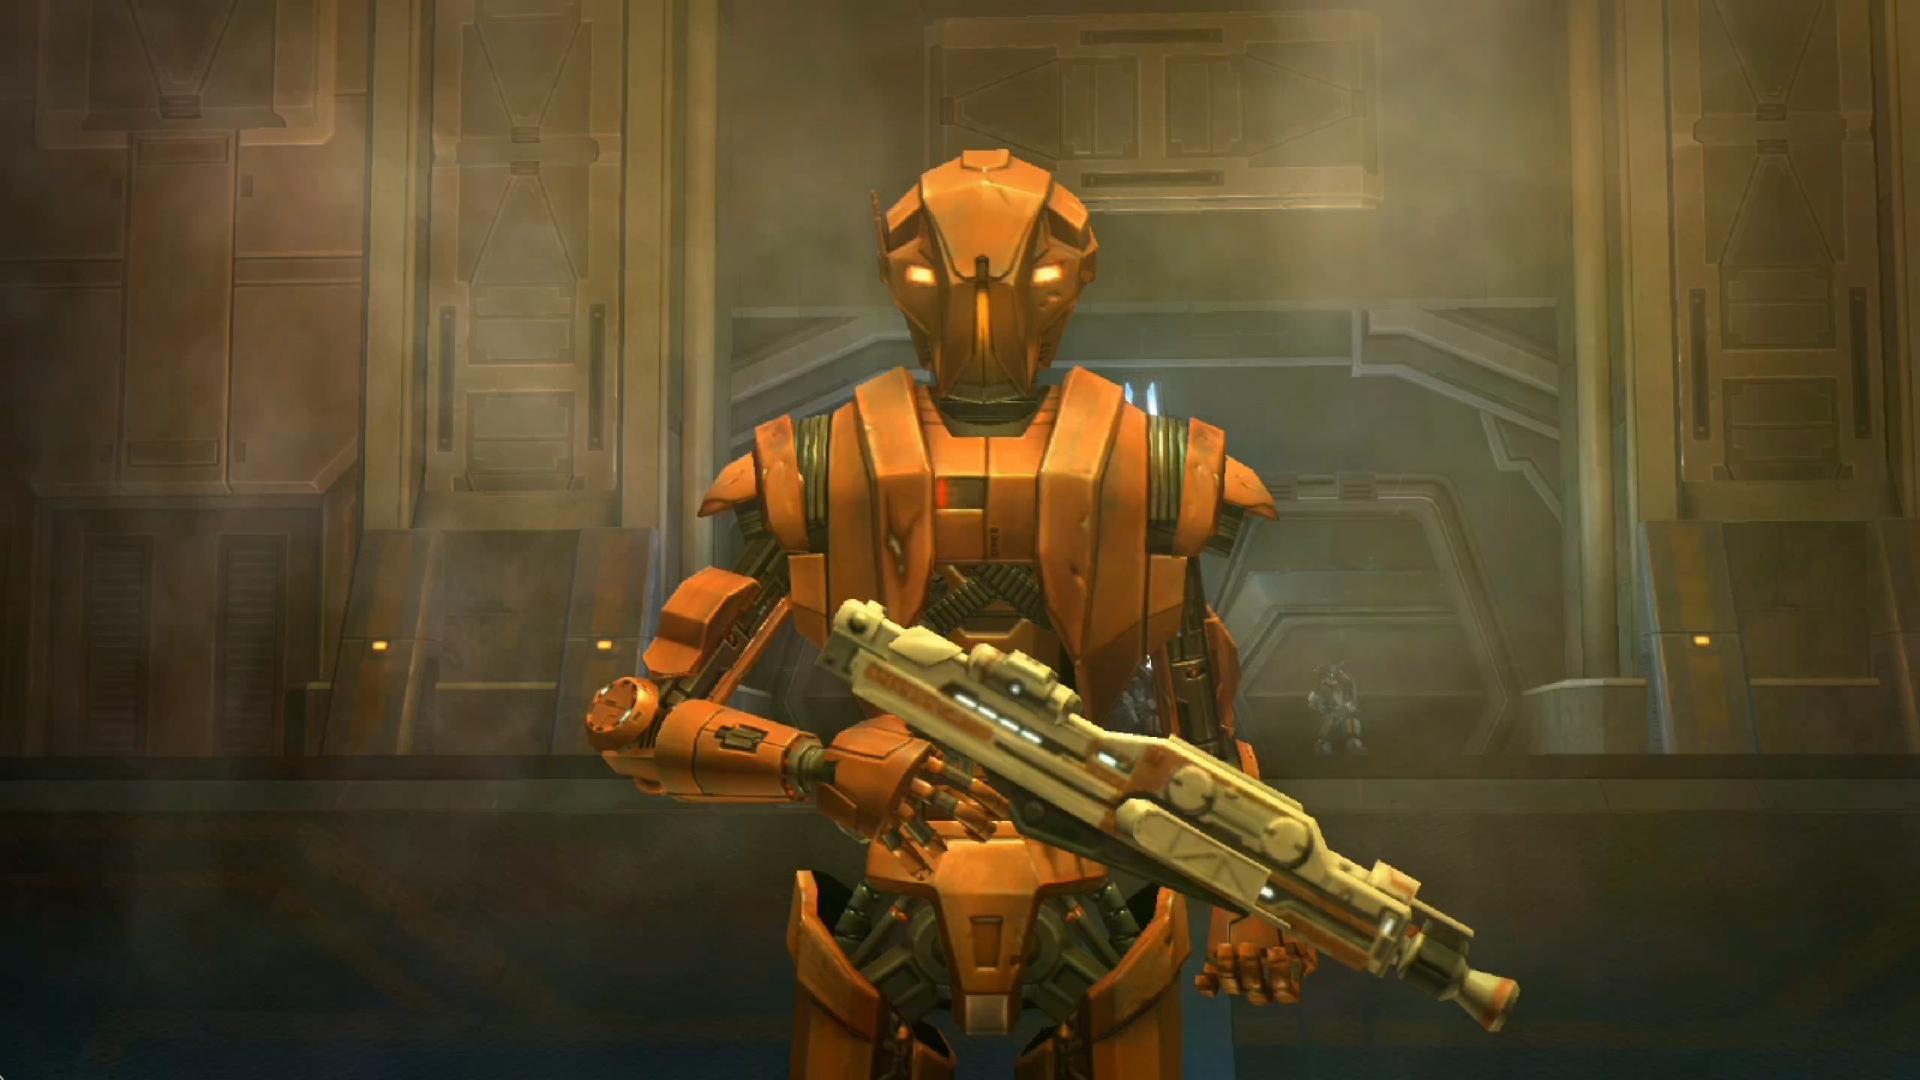 Top 10 Robots HK-47 Image